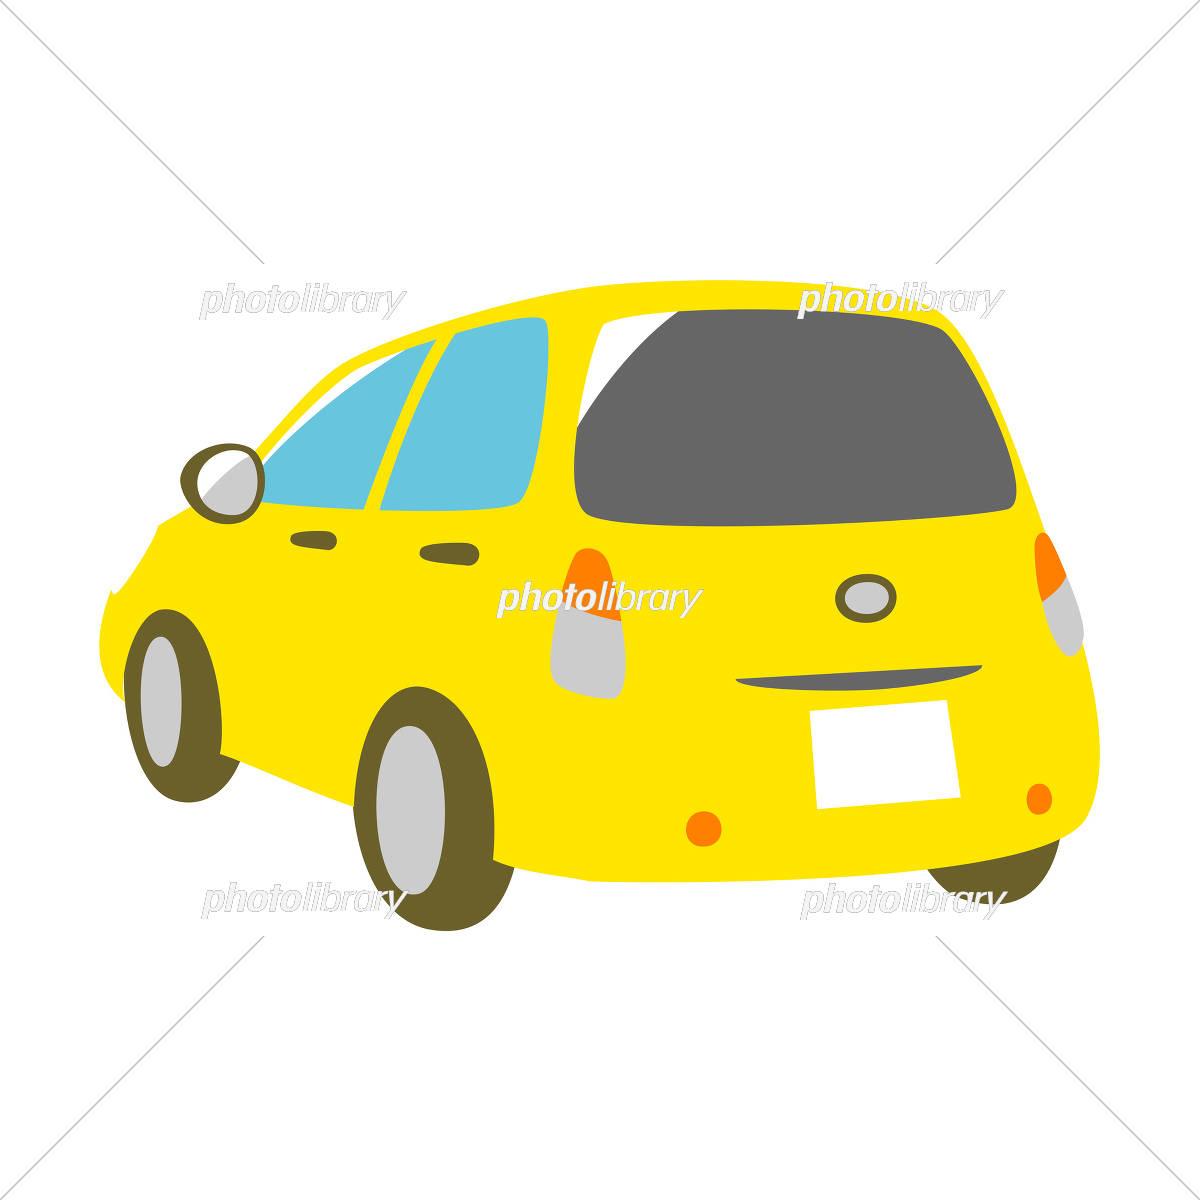 黄色の車 斜め背面 イラスト素材 [ 5327206 ] - フォトライブラリー